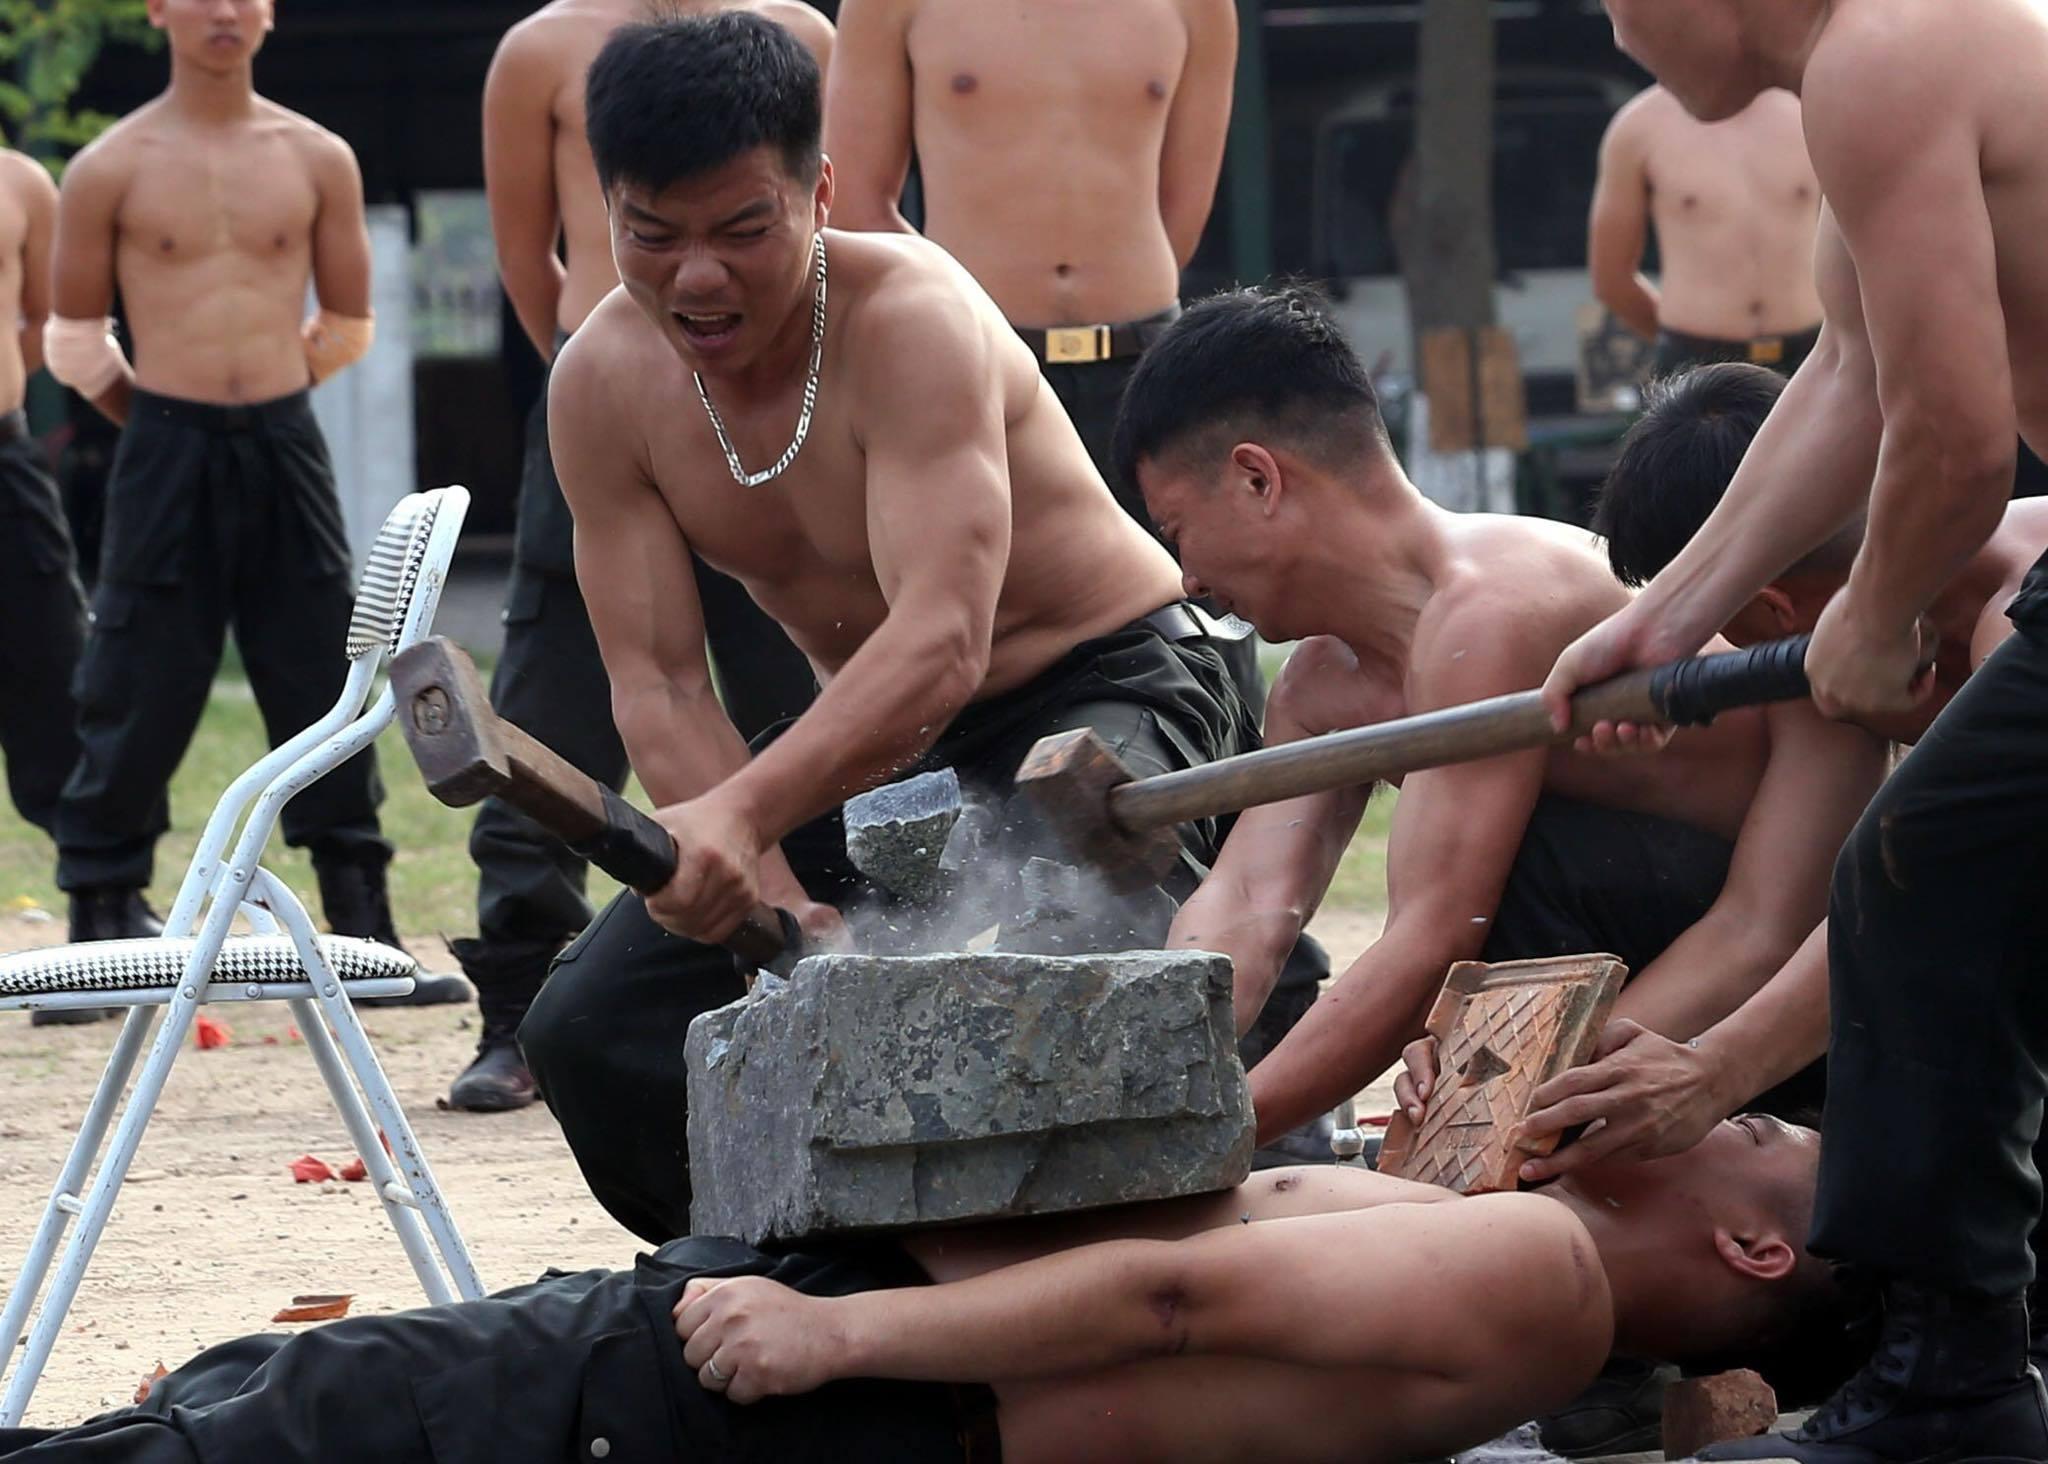 Chiến sĩ 'mình đồng da sắt' phô diễn kỹ năng bảo vệ ngày bầu cử